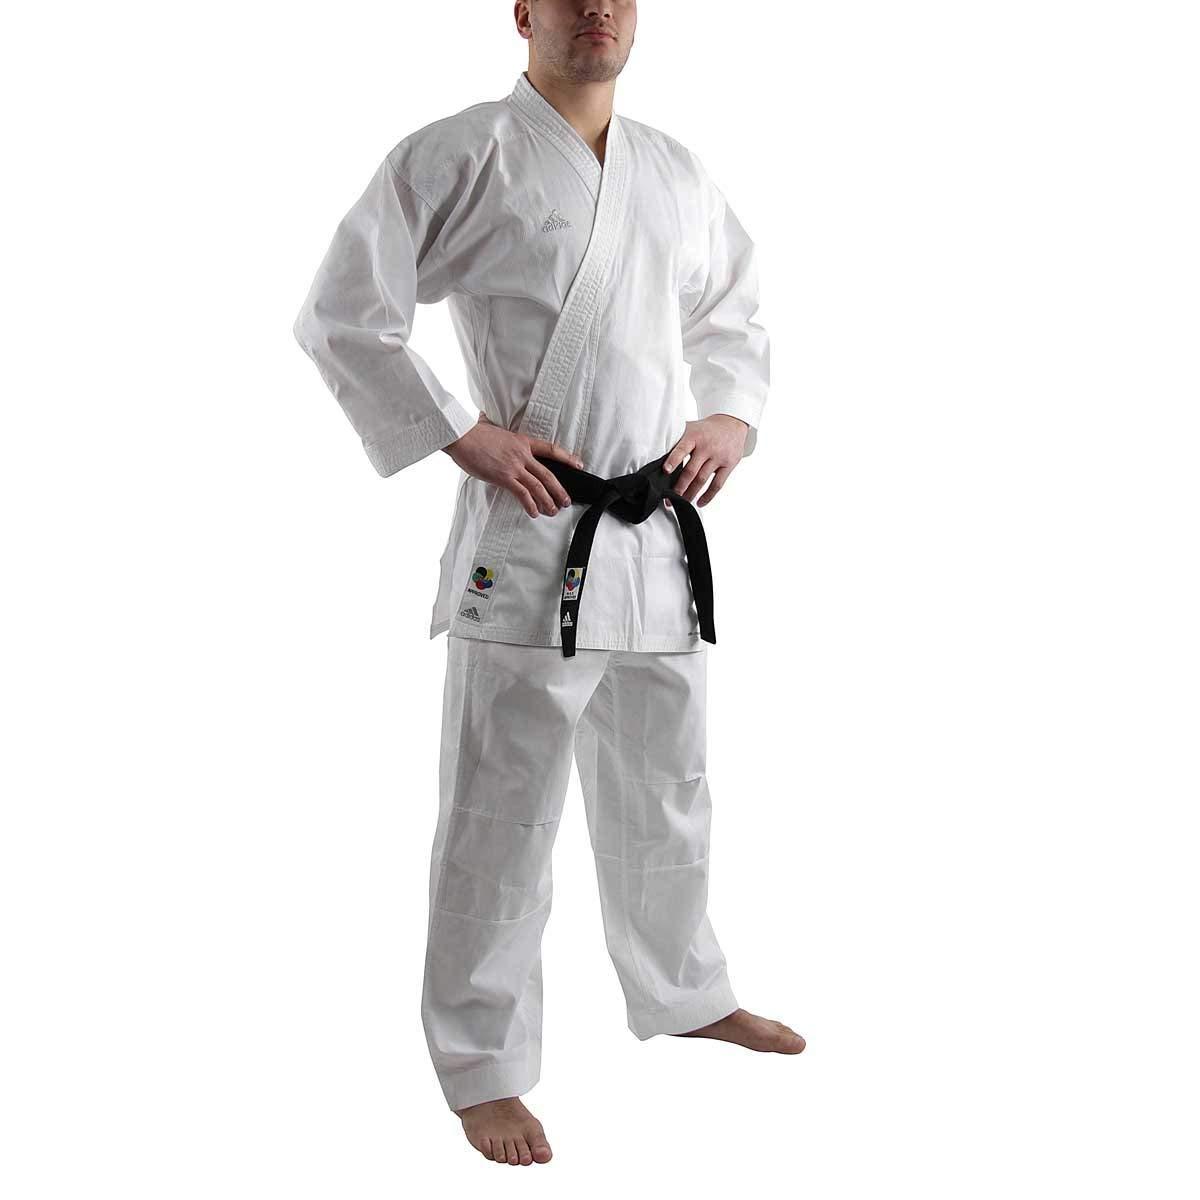 アディダス(adidas) 空手衣(WKF公認) 組手ファイター B01F91YRI0  155cm